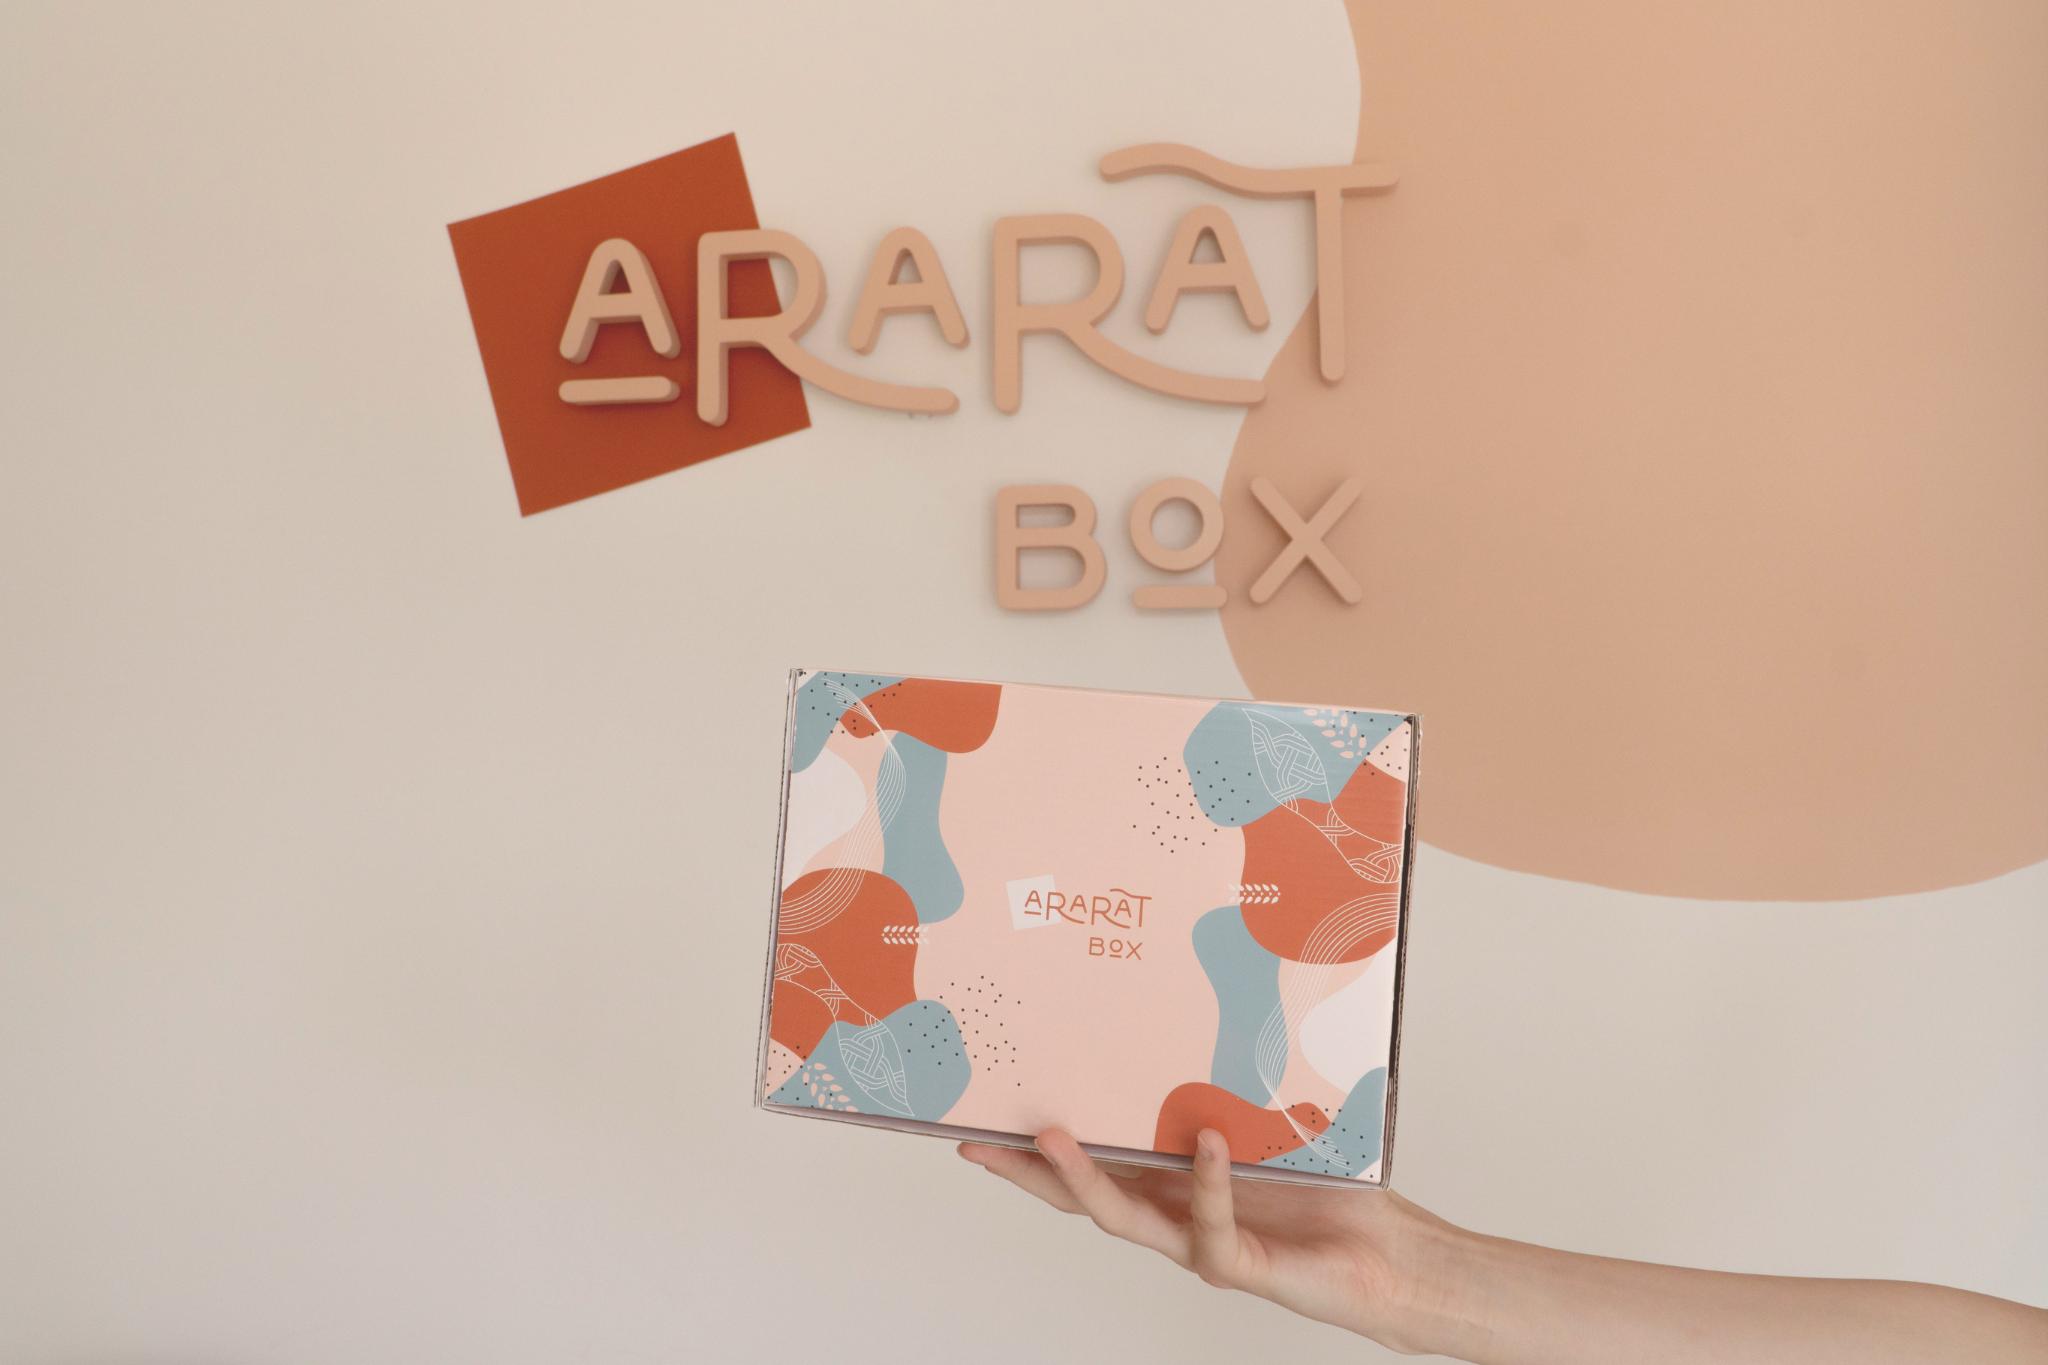 Ararat Box 1KG Subscription